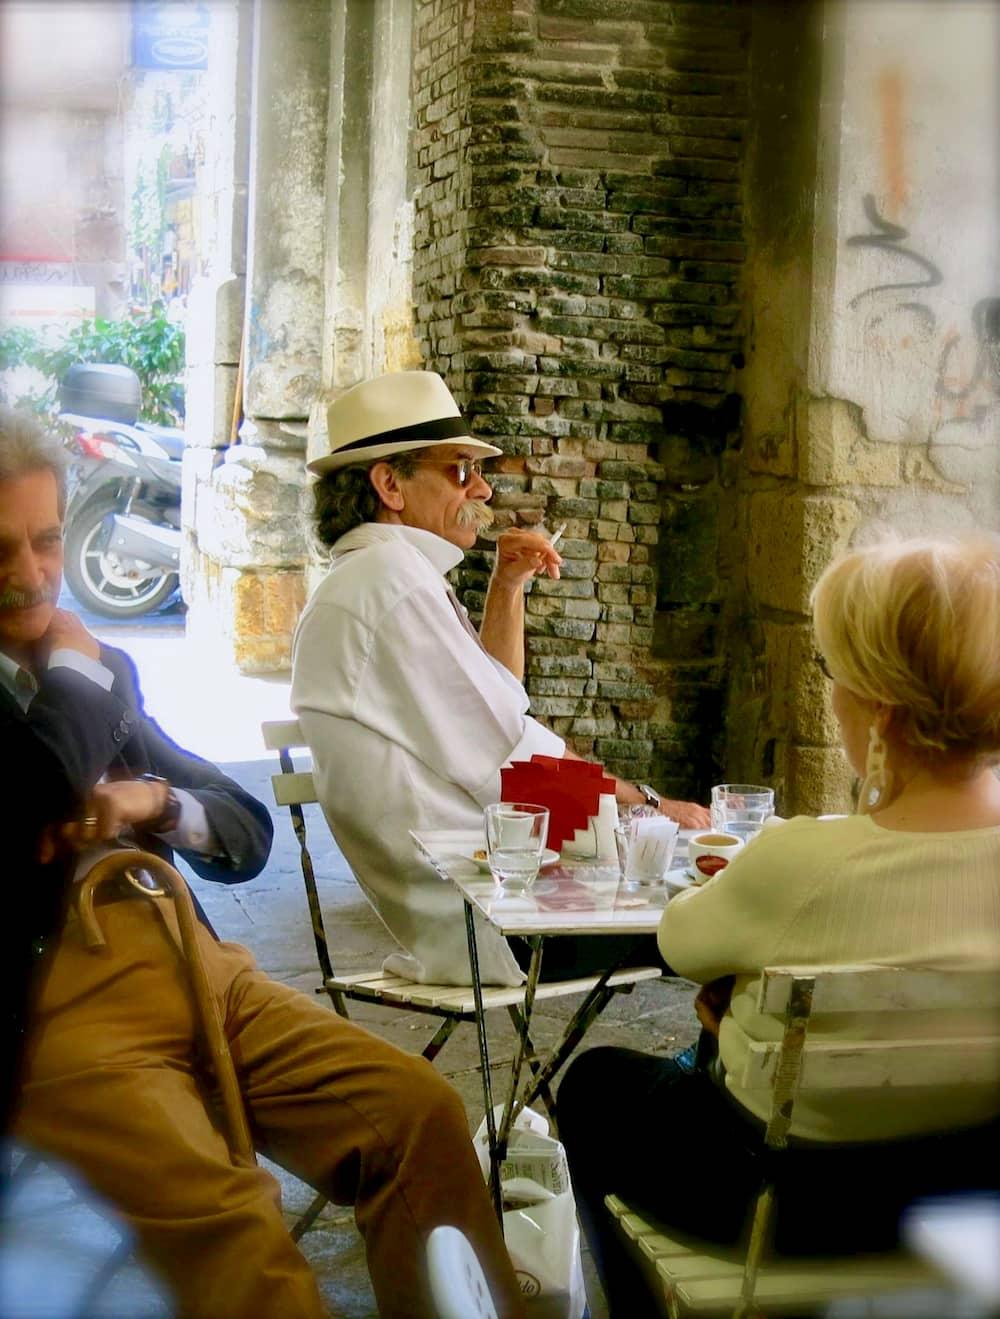 夕暮れ時、いつも同じカフェに座る雰囲気のある男性(ナポリ)